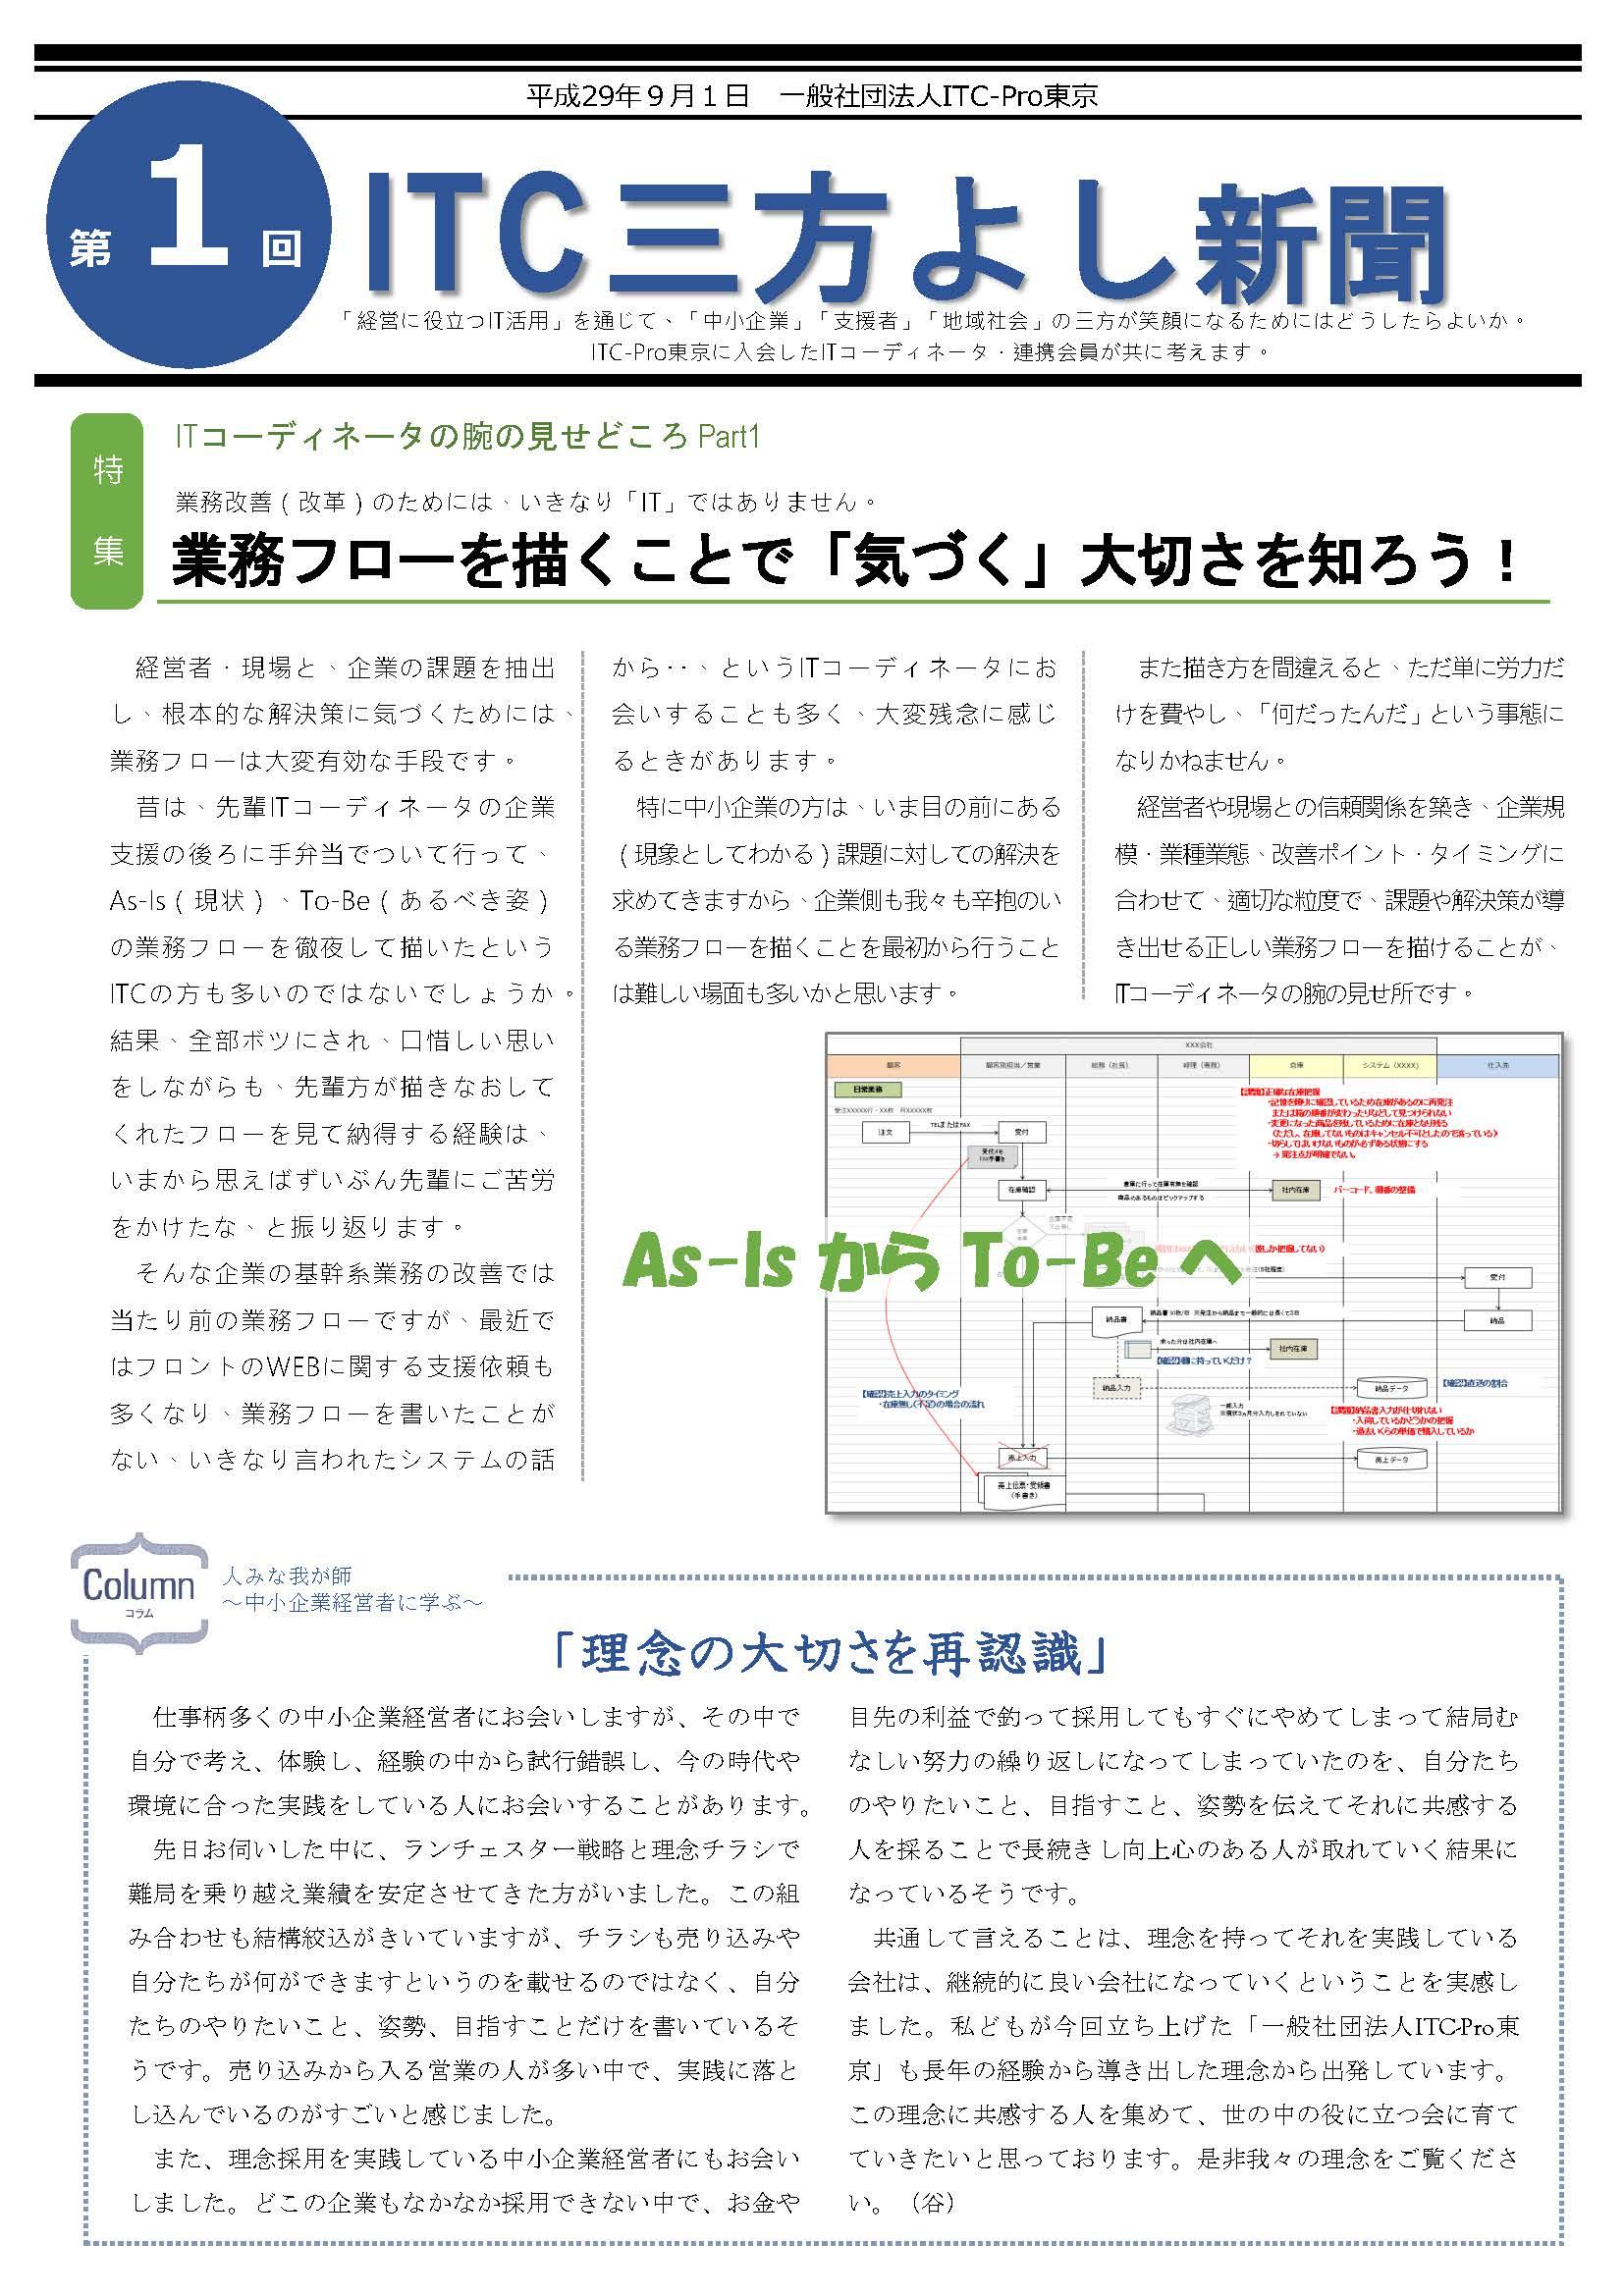 第一号ITC三方よし新聞